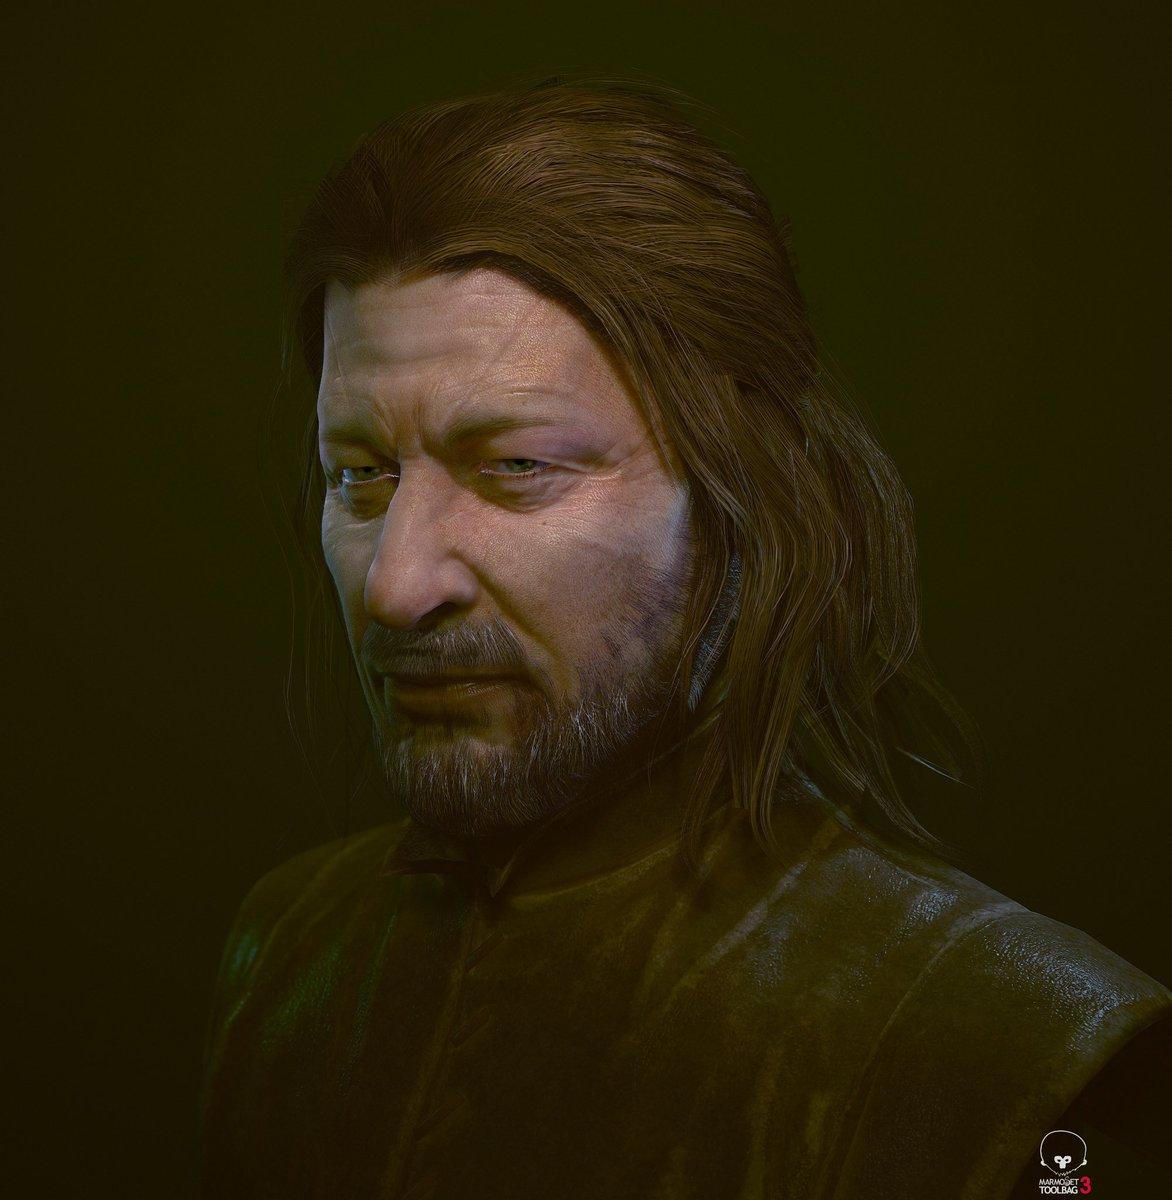 Game of thrones Fan art. Eddard stark. 海外ドラマは長引くとだれて飽きてしまうけど、先に進めば進むほどはまってしまったいいドラマでした! #zbrush #MarmosetToolbag